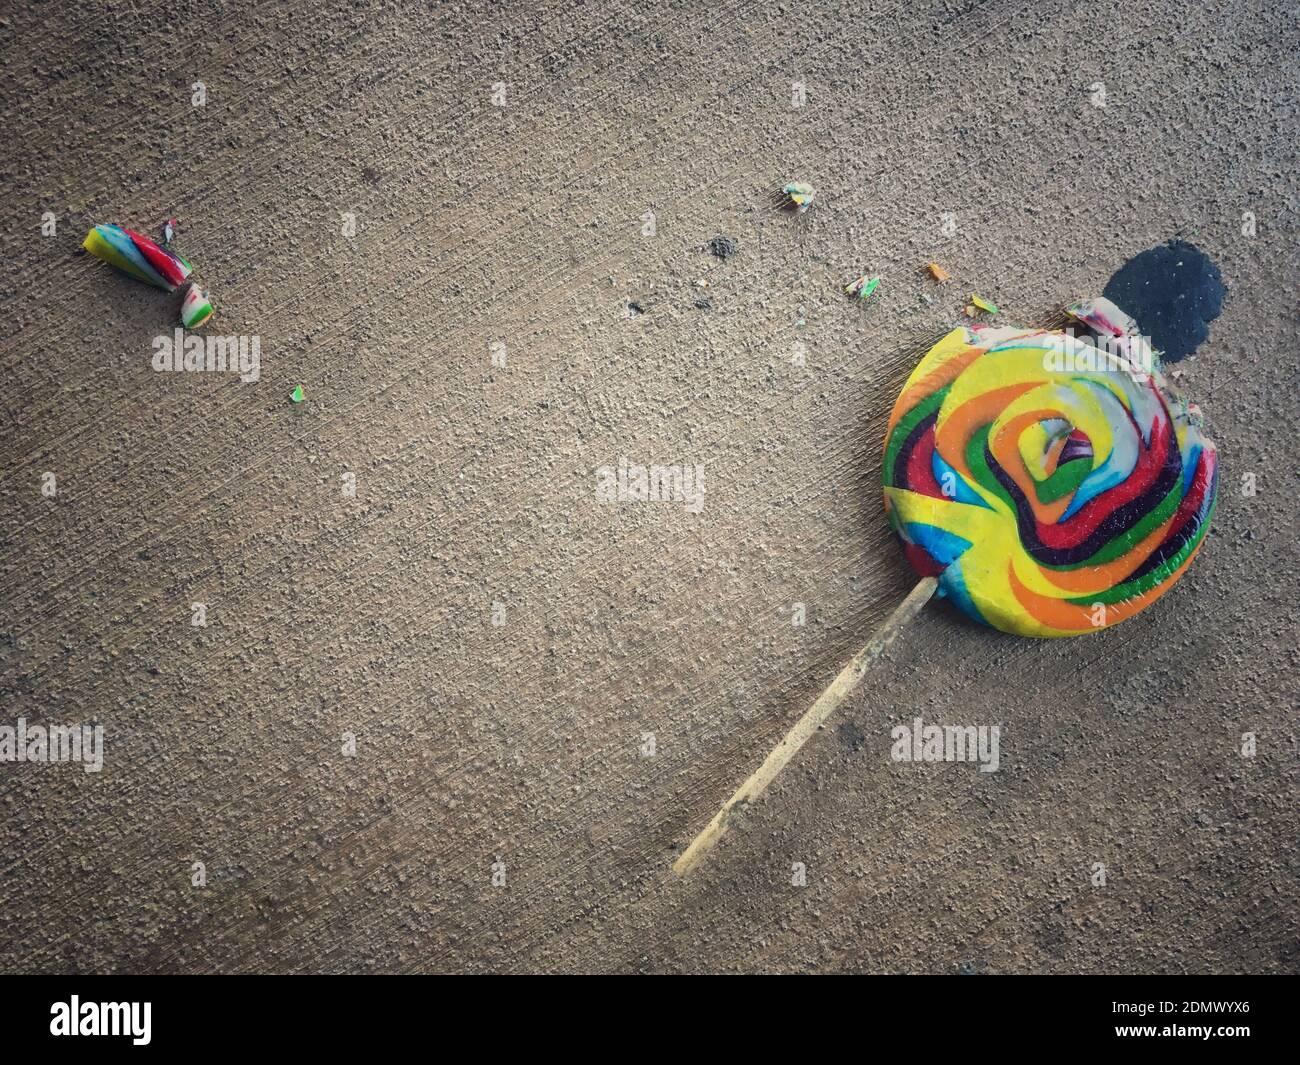 Fallen Lollipop Stockfotos und  bilder Kaufen   Alamy